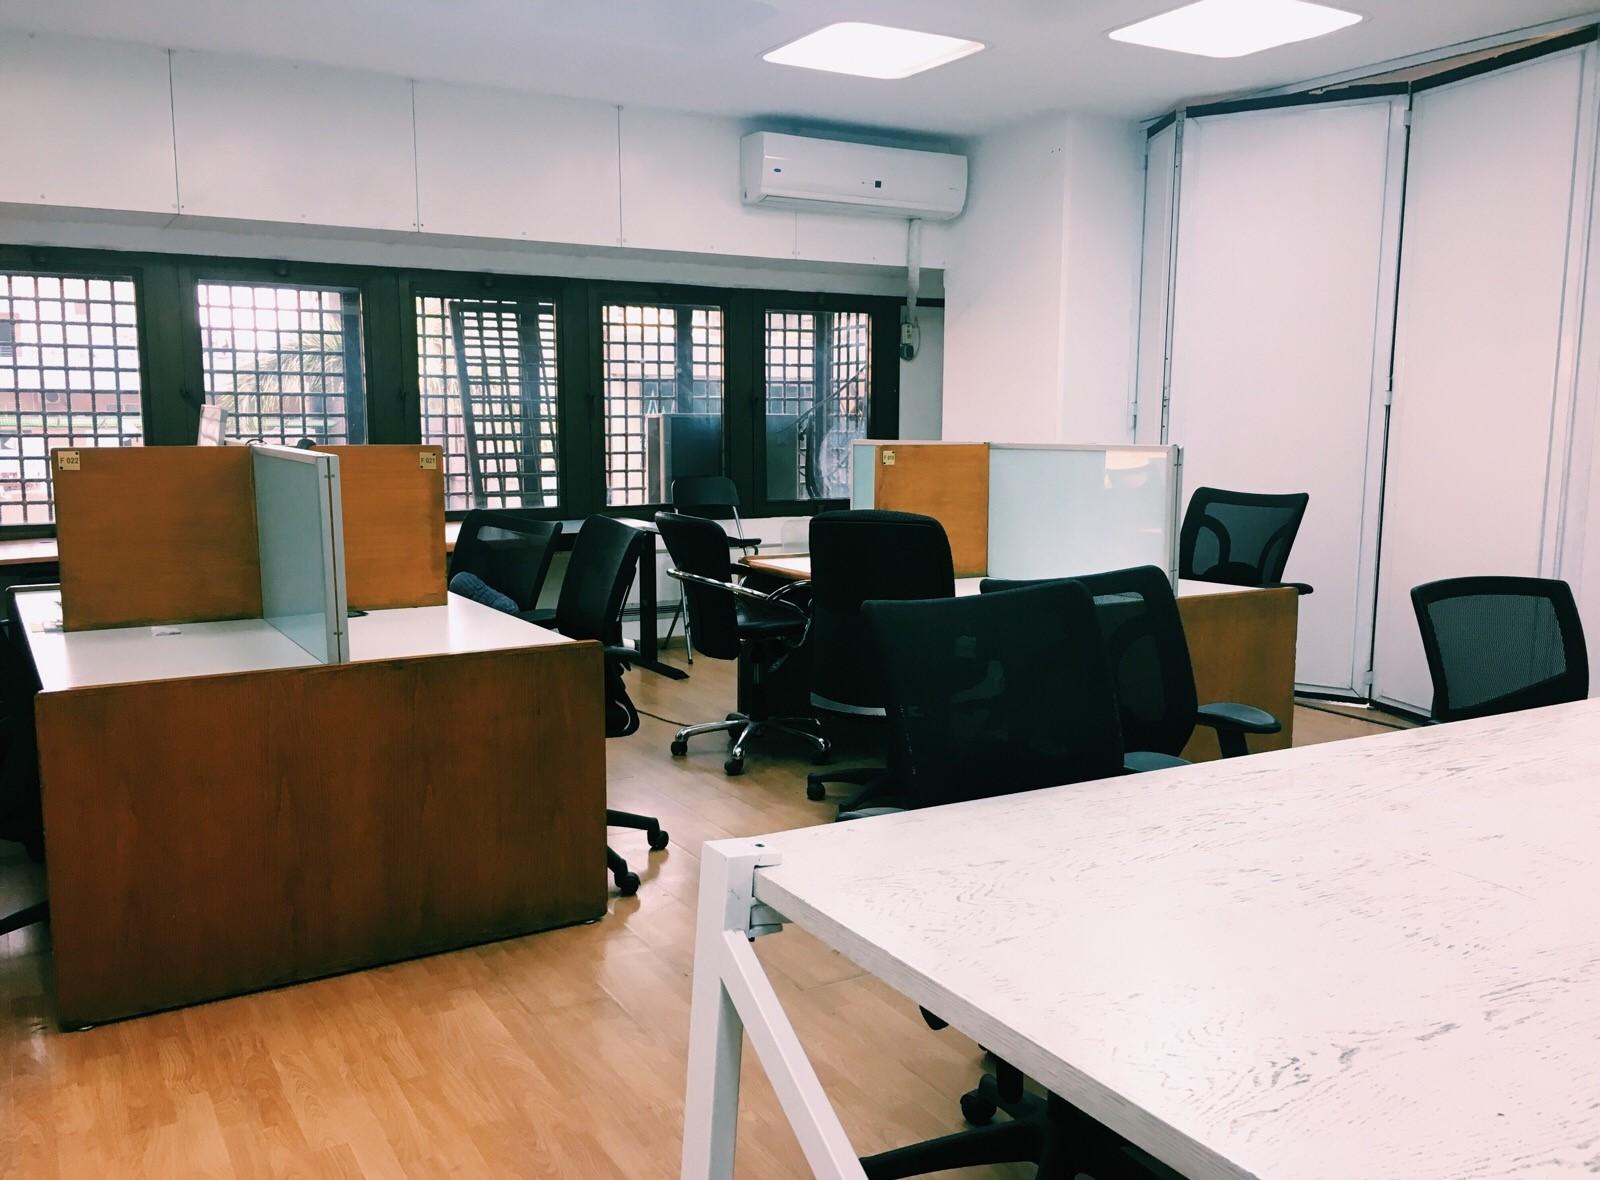 ٦ مساحات عمل مشتركة لرواد الأعمال في القاهرة